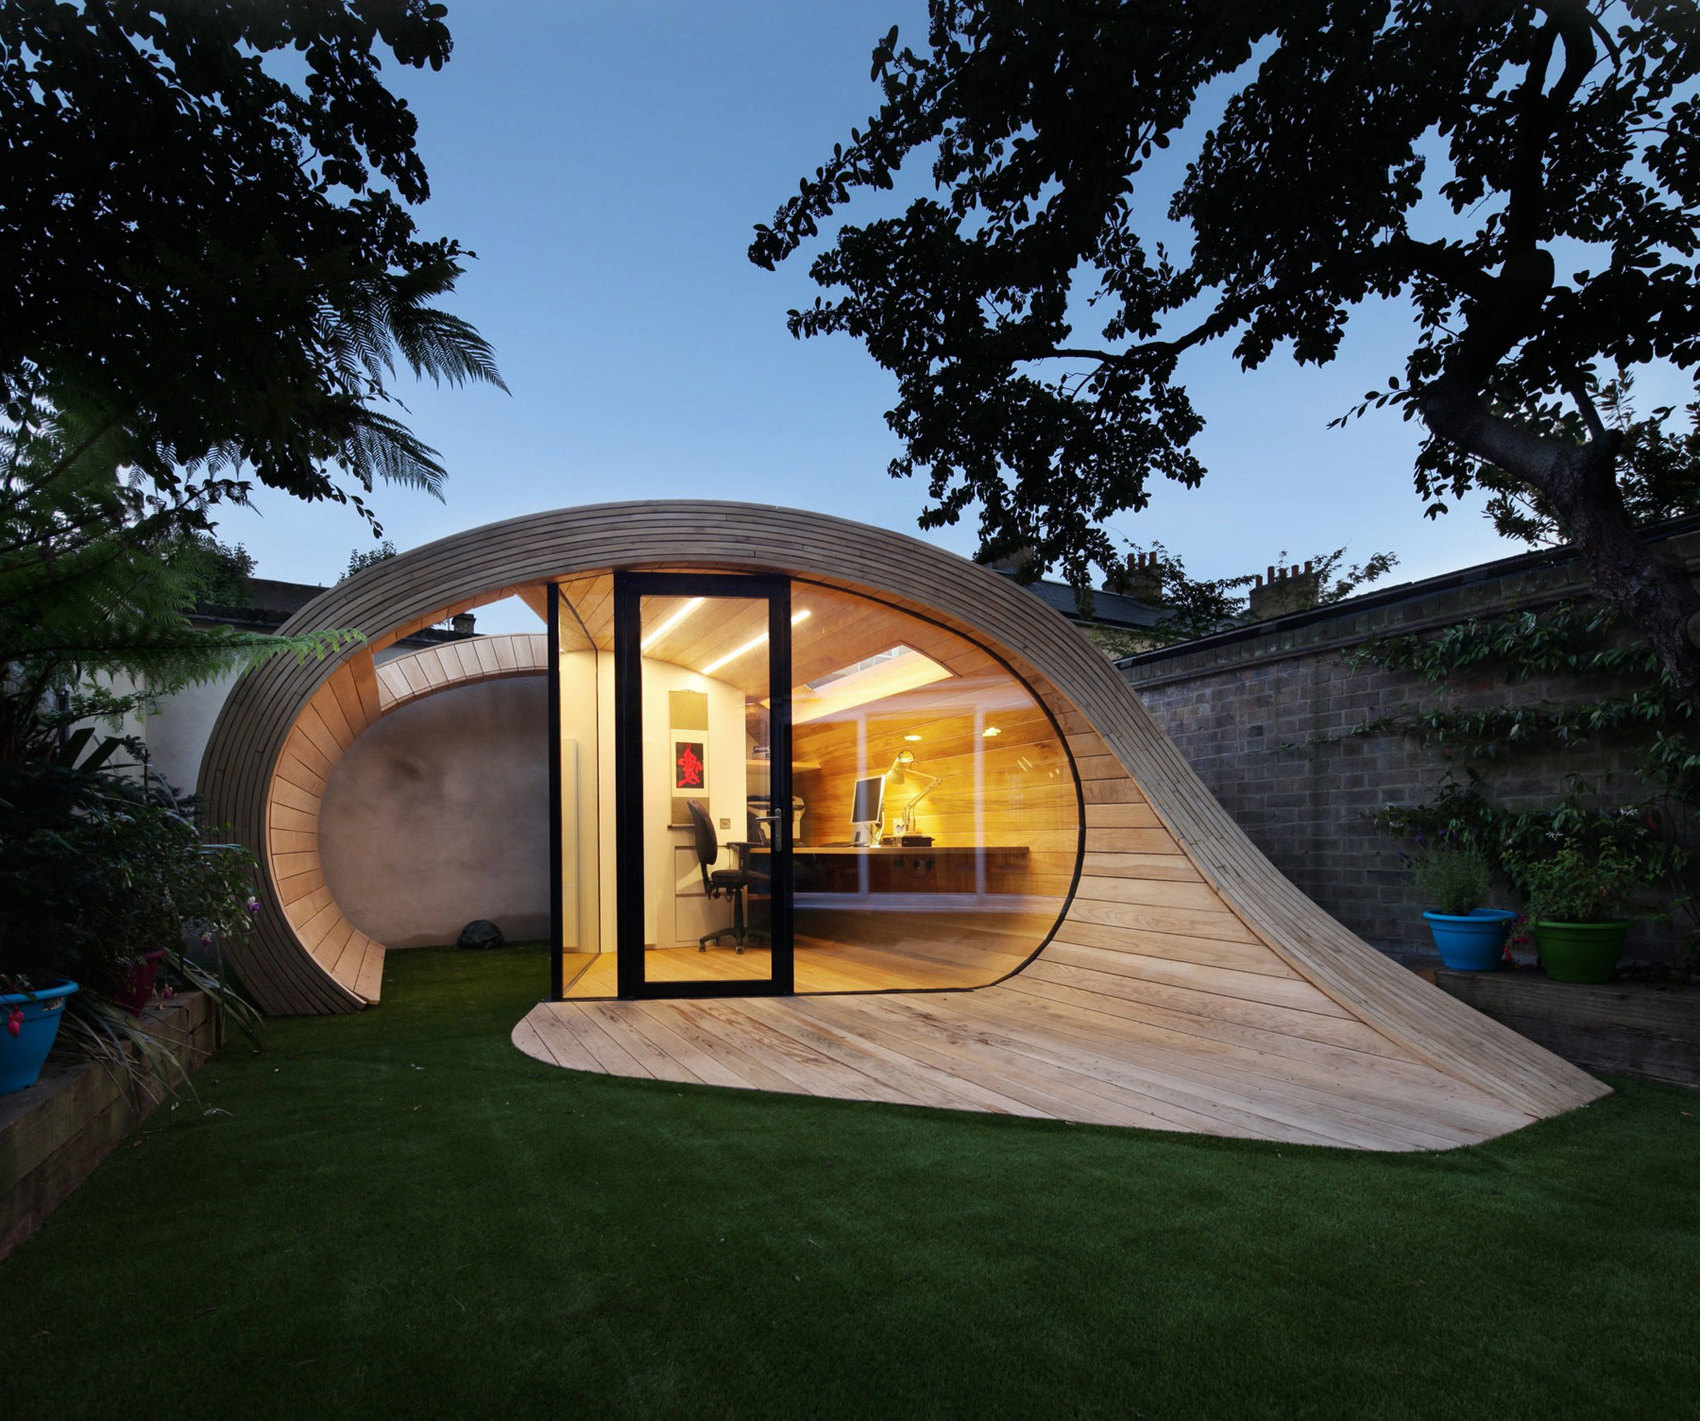 44 Atemberaubende Gartenhütten: Bauen Und Einrichten